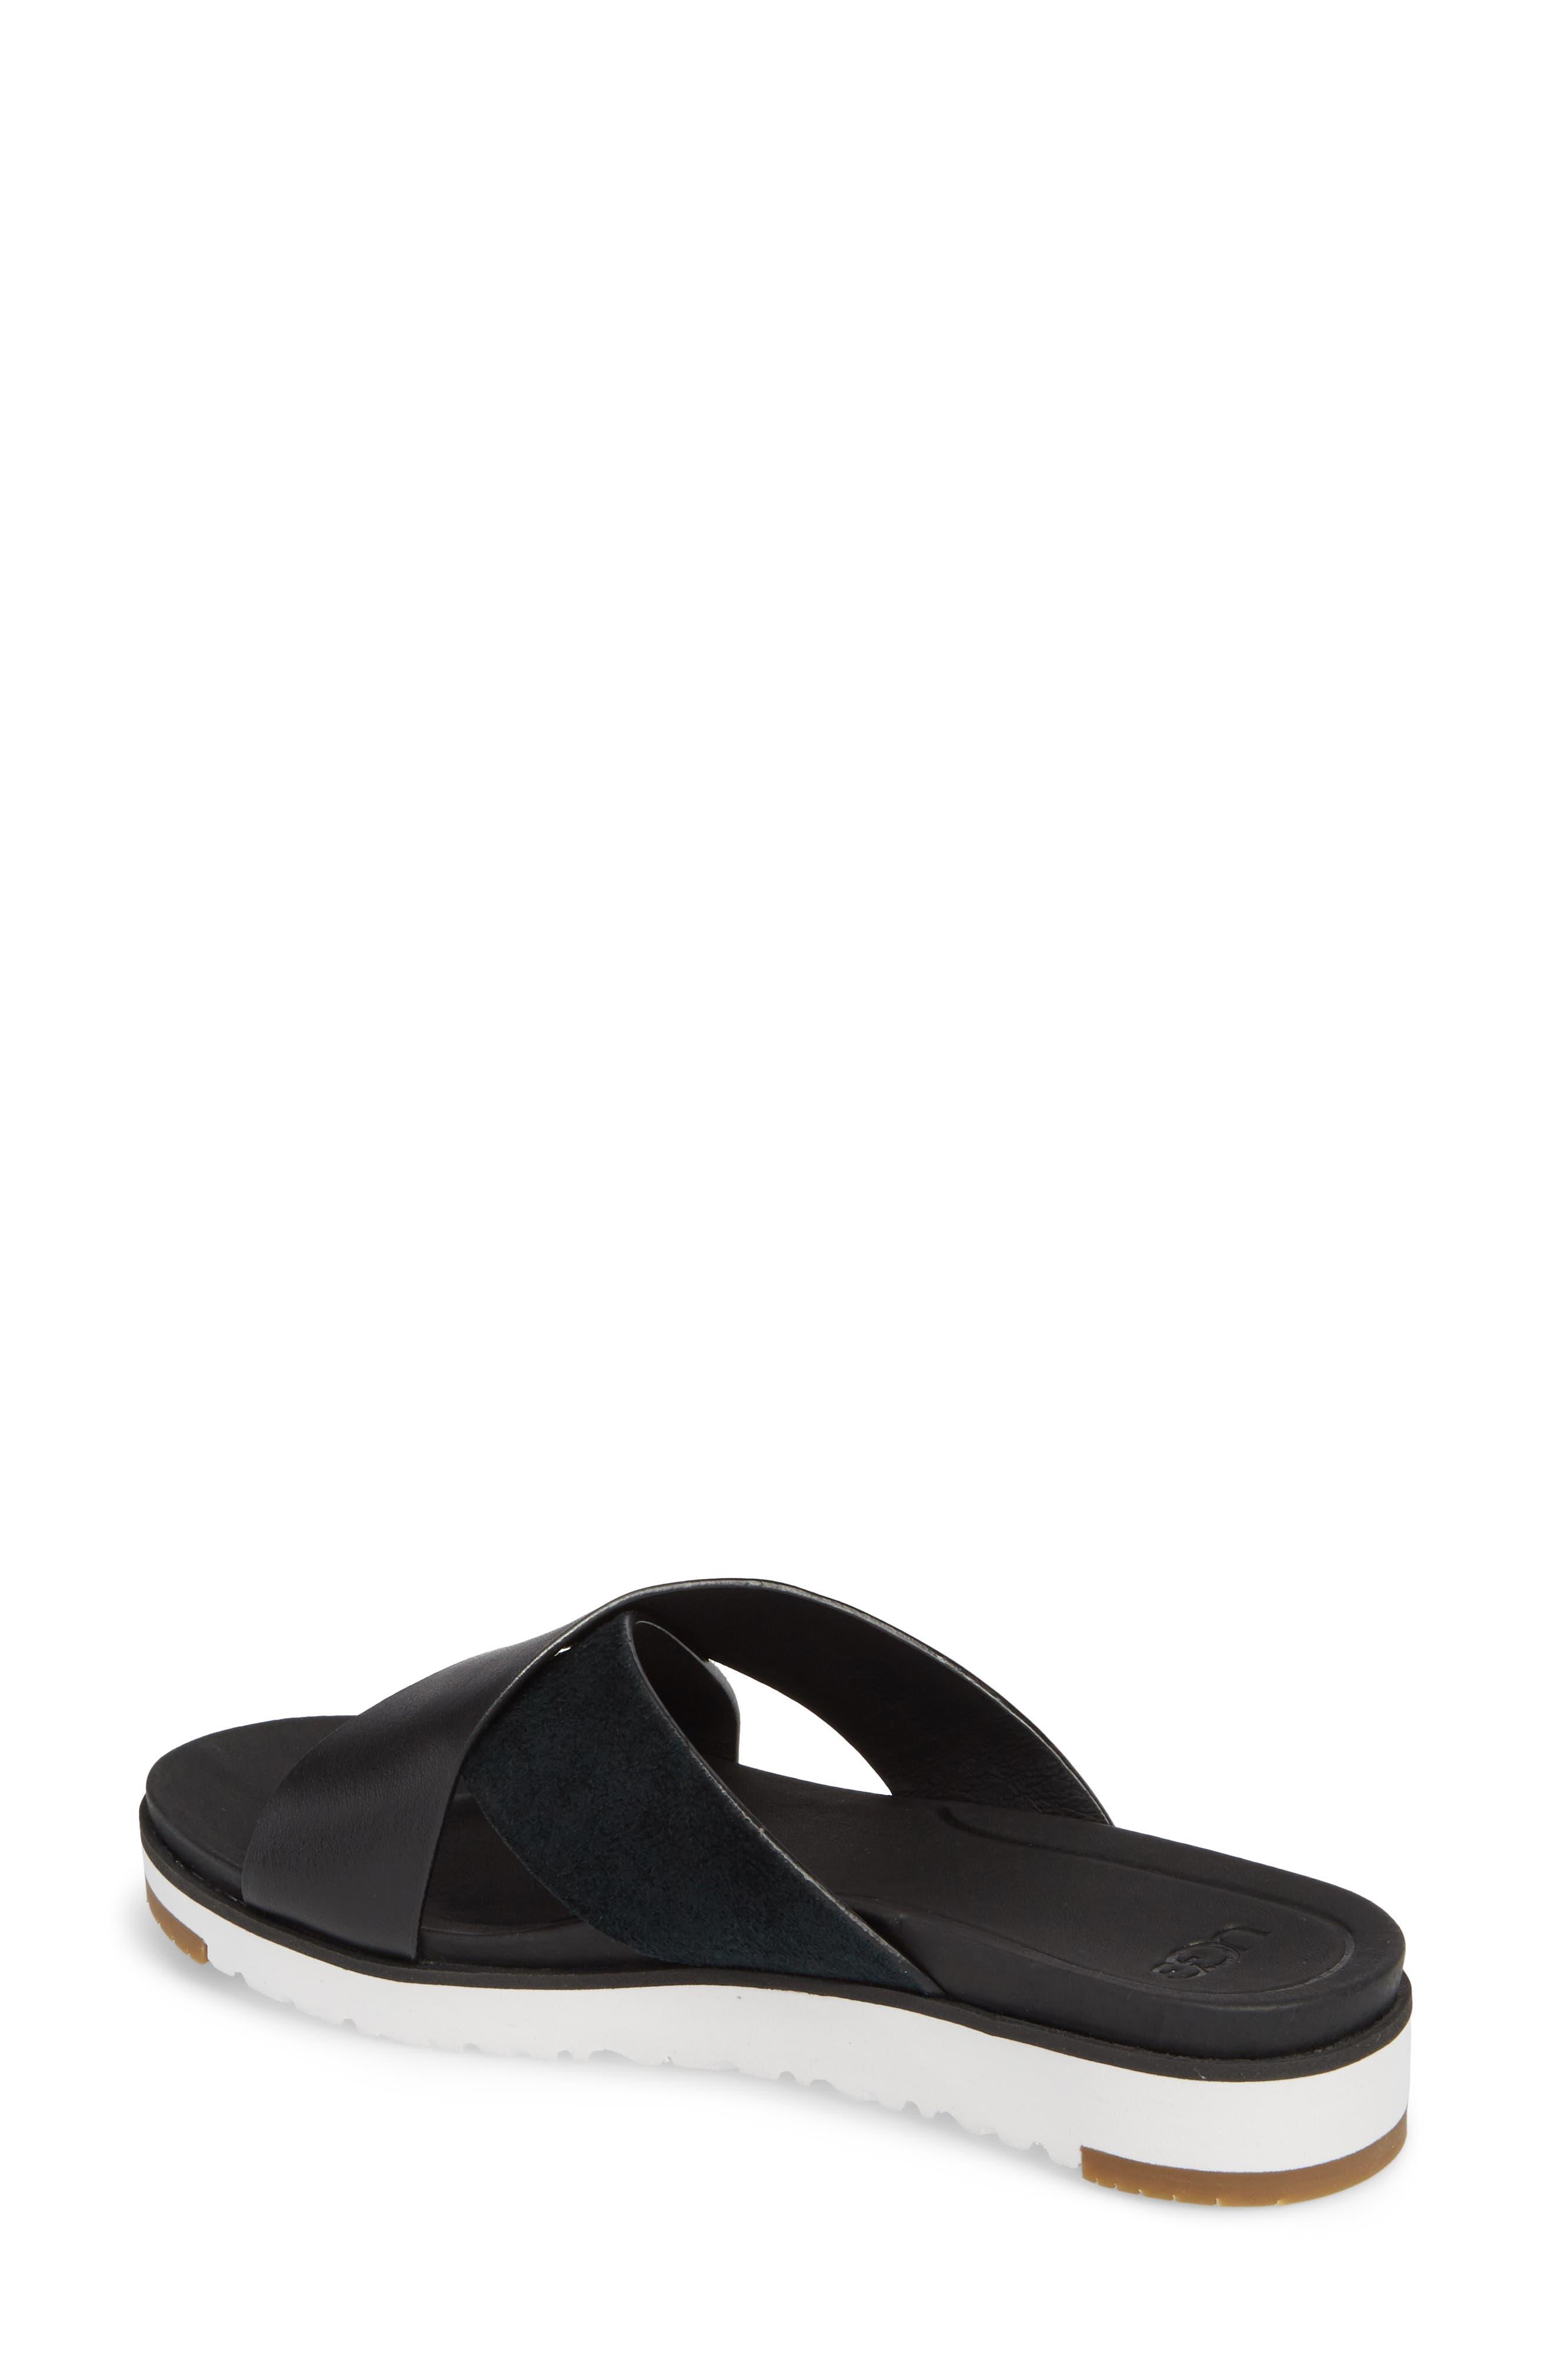 8ce3bb83a3b511 Women's Slide Sandals | Nordstrom